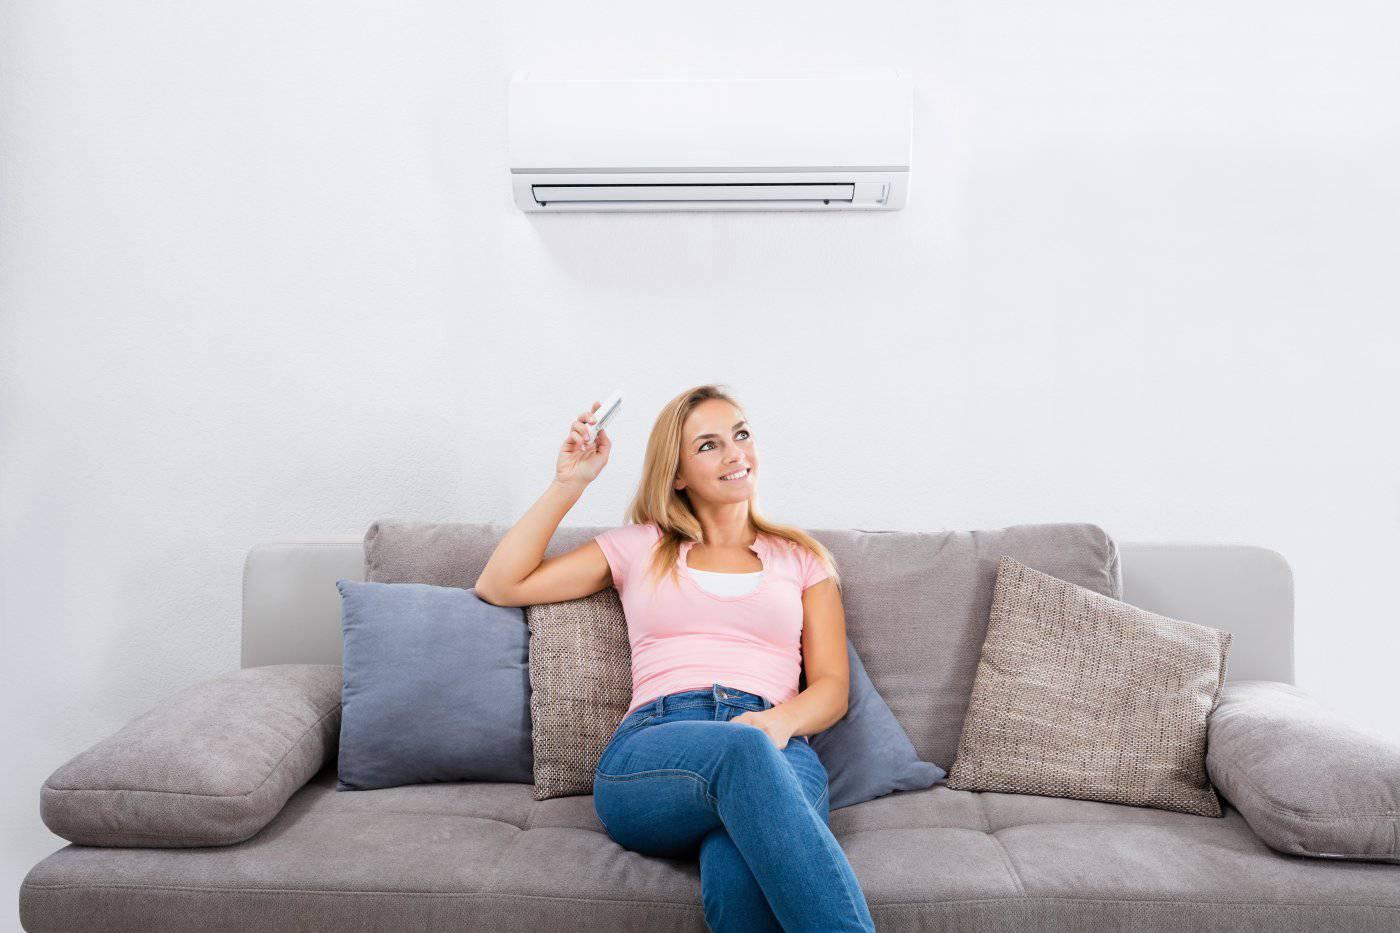 Koje su prednosti kupovine novog klima uređaja?